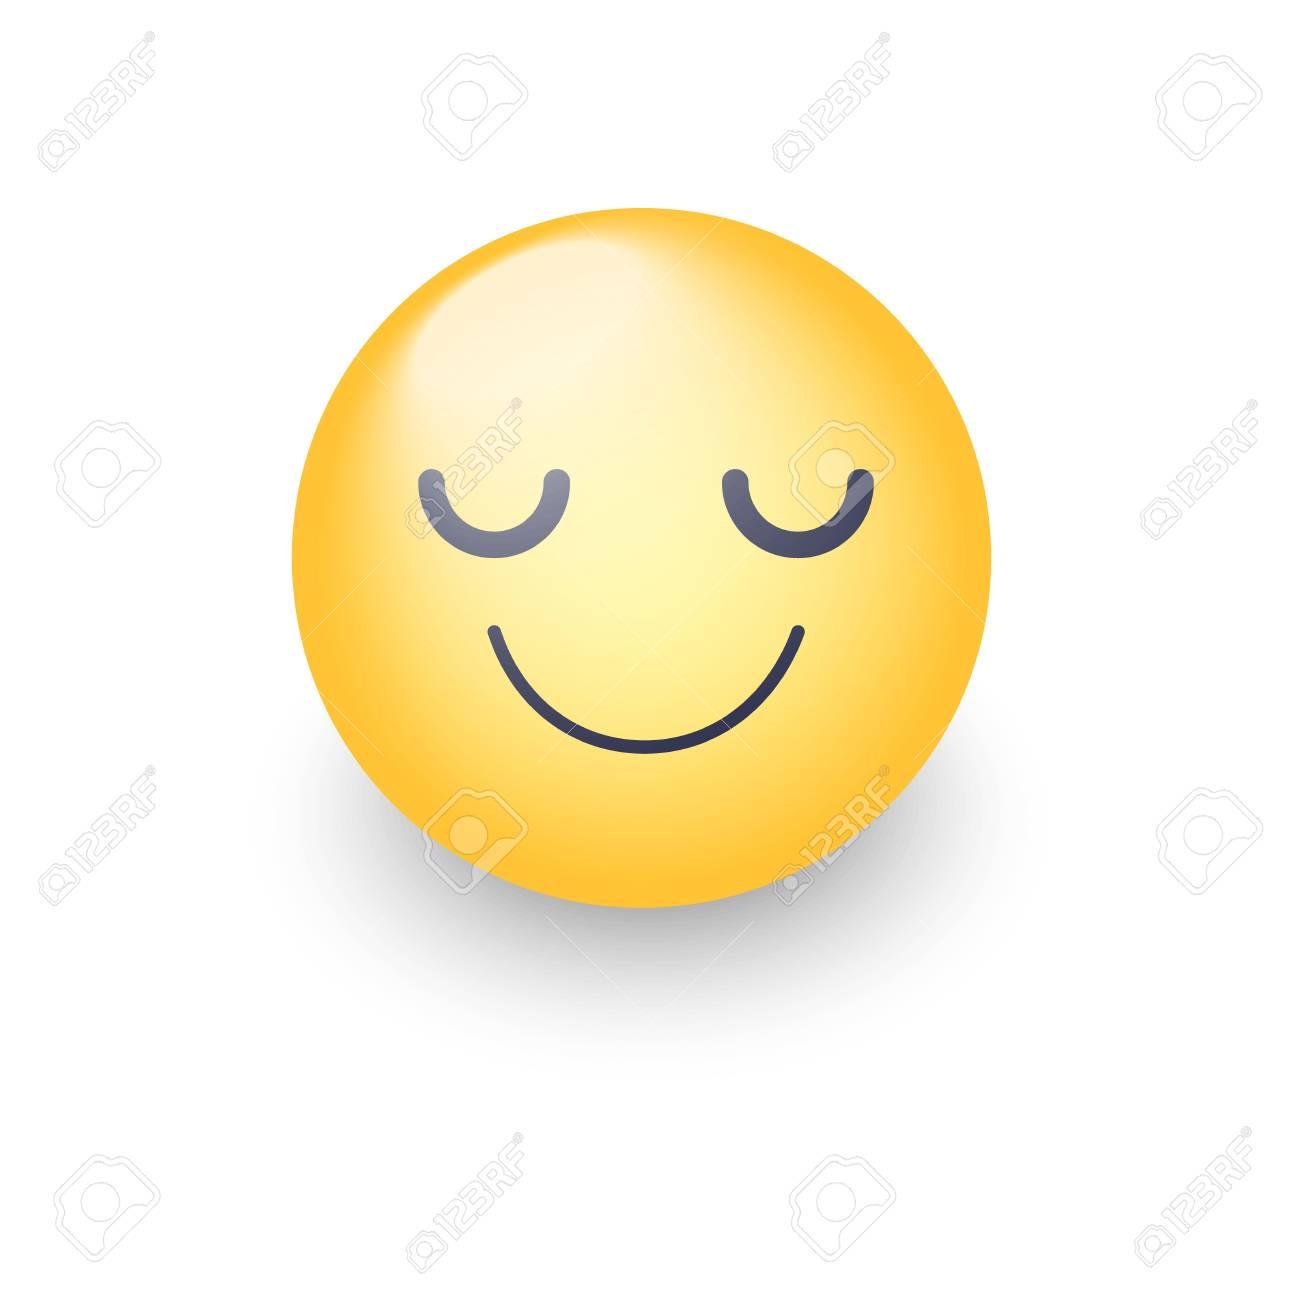 Visage D Emoji Heureux Dessin Animé Avec Les Yeux Fermés Souriant émoticône Mignon Jaune Smiley Amusant Pour L Application Et Le Chat